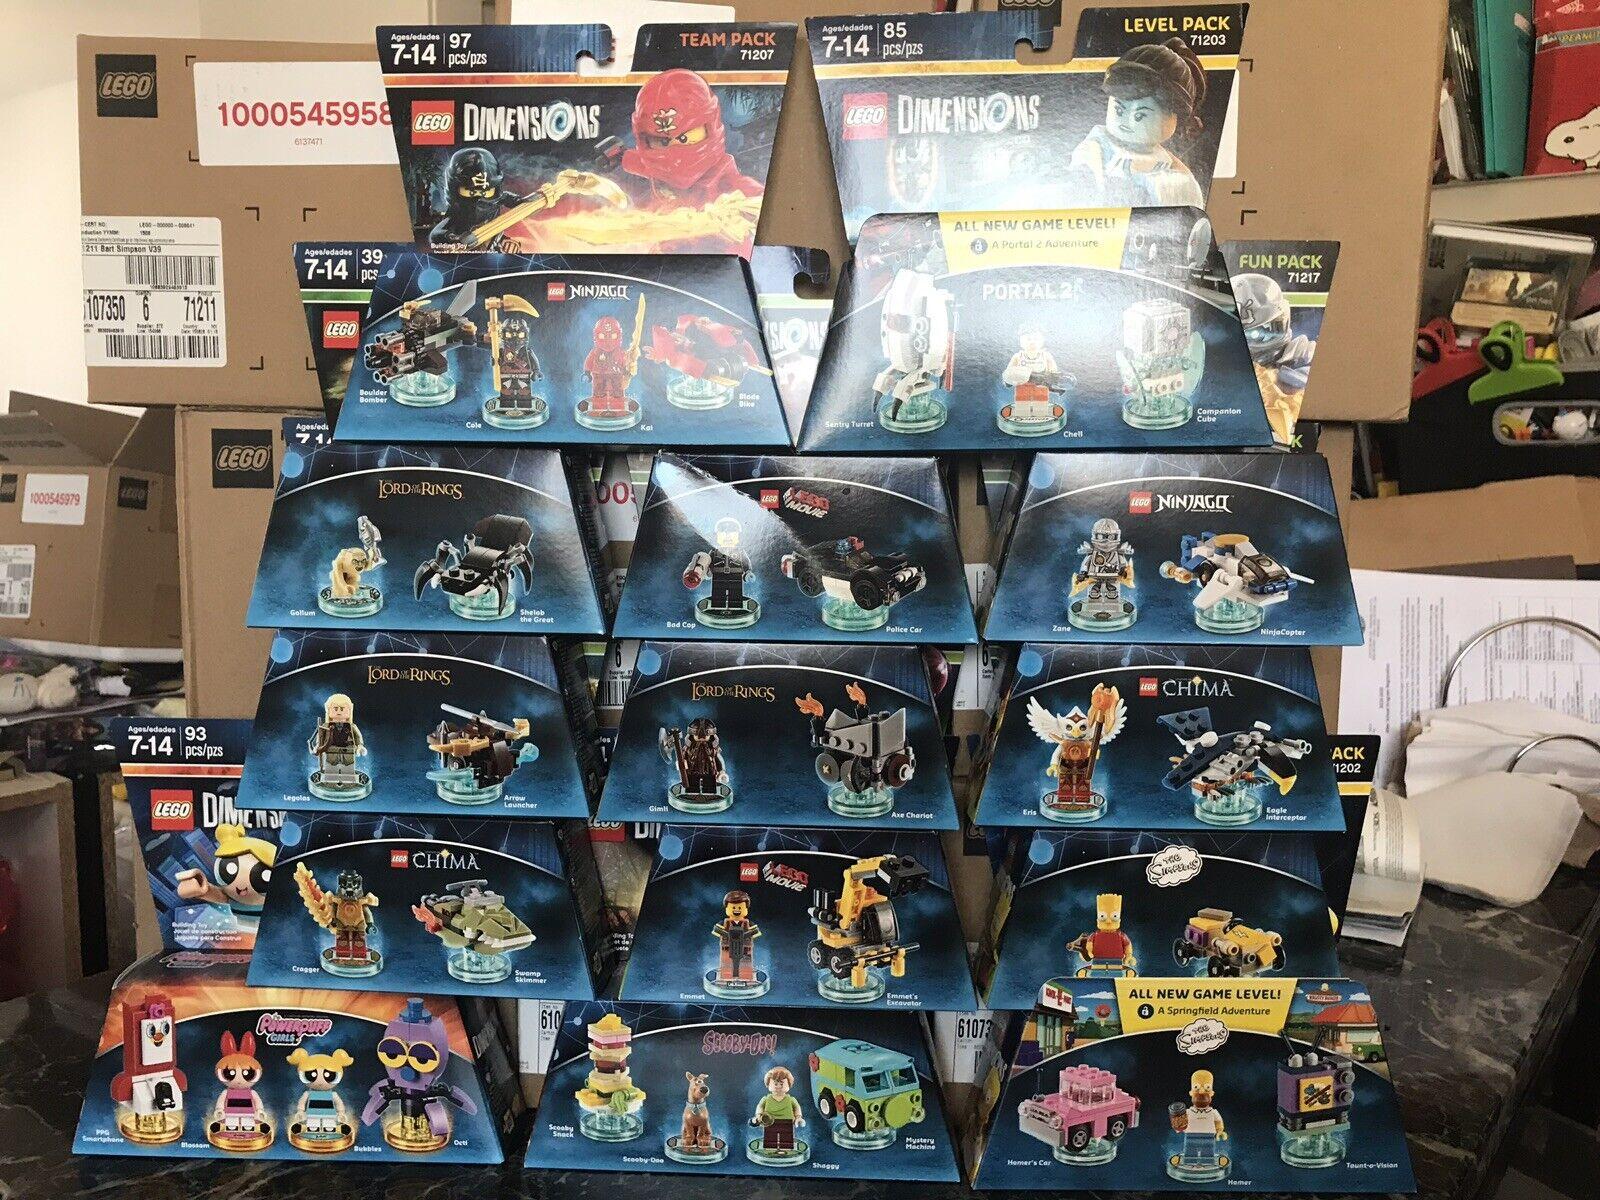 spedizione veloce e miglior servizio Lego Dimensions Set of of of 14 Ninjago Scooby-Doo Portal The Simpsons Bundle nuovo  classico senza tempo